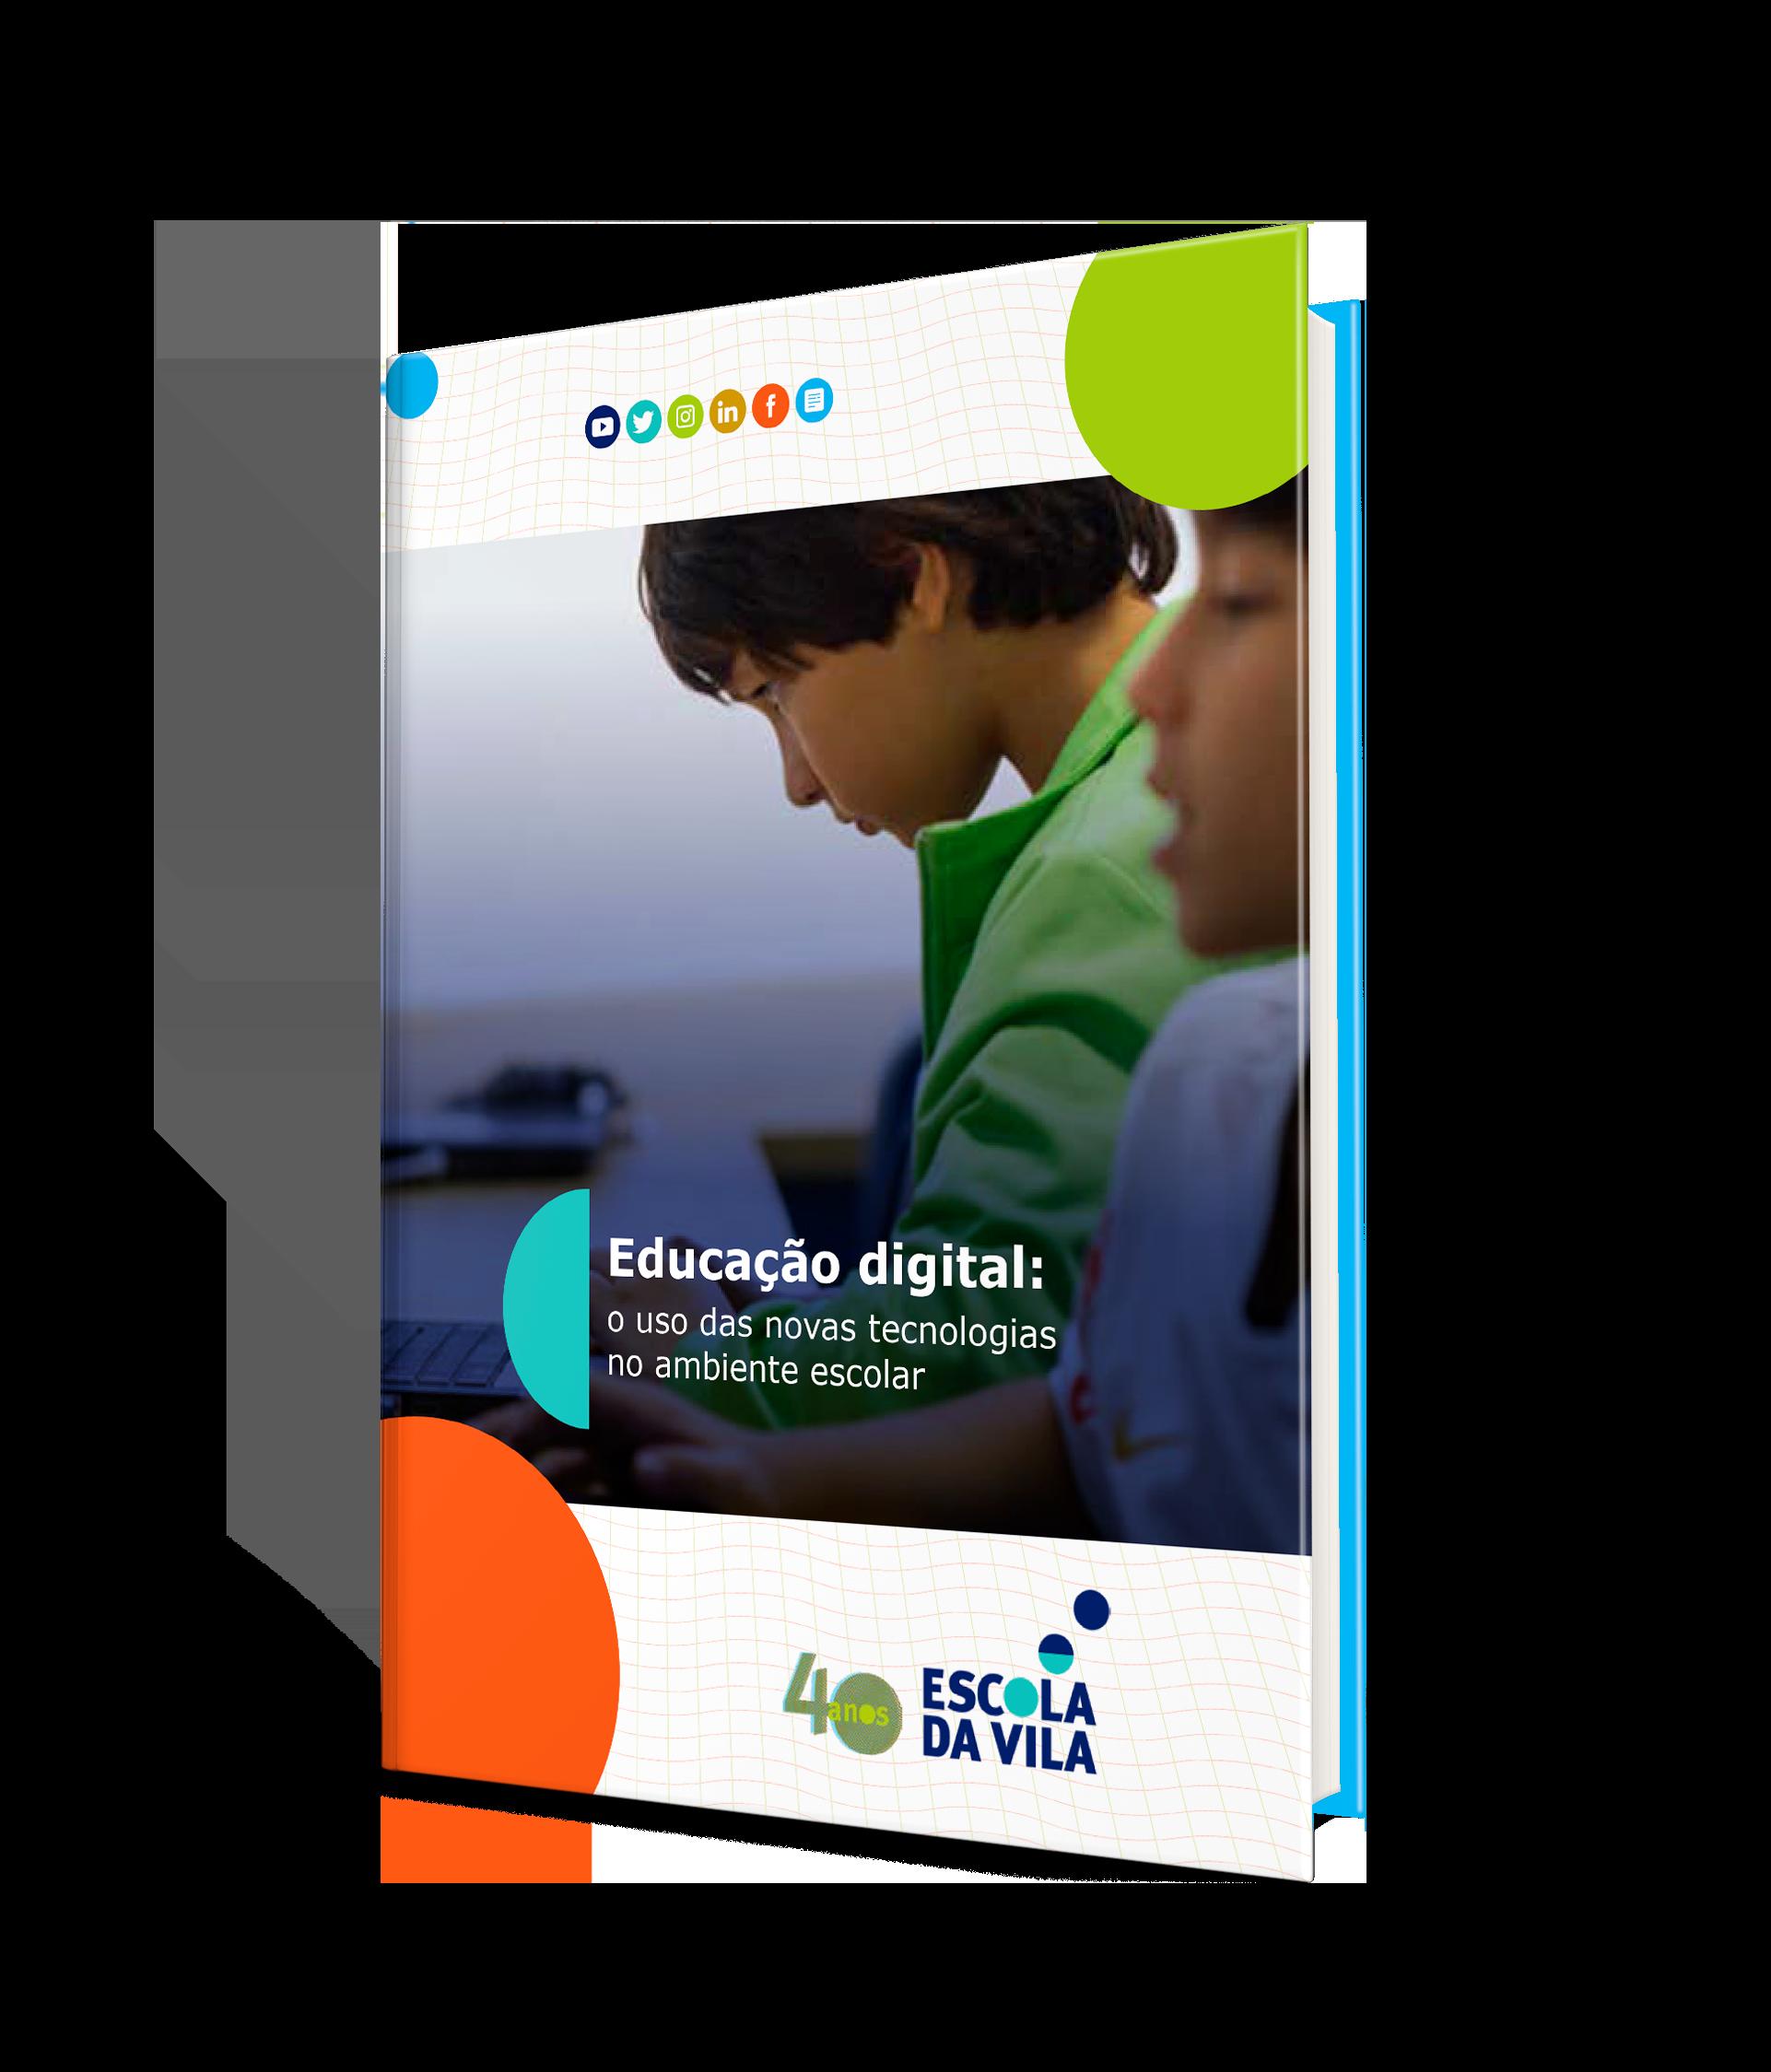 Mockup_Educacao-digital-o-uso-das-novas-tecnologias-no-ambiente-escolar